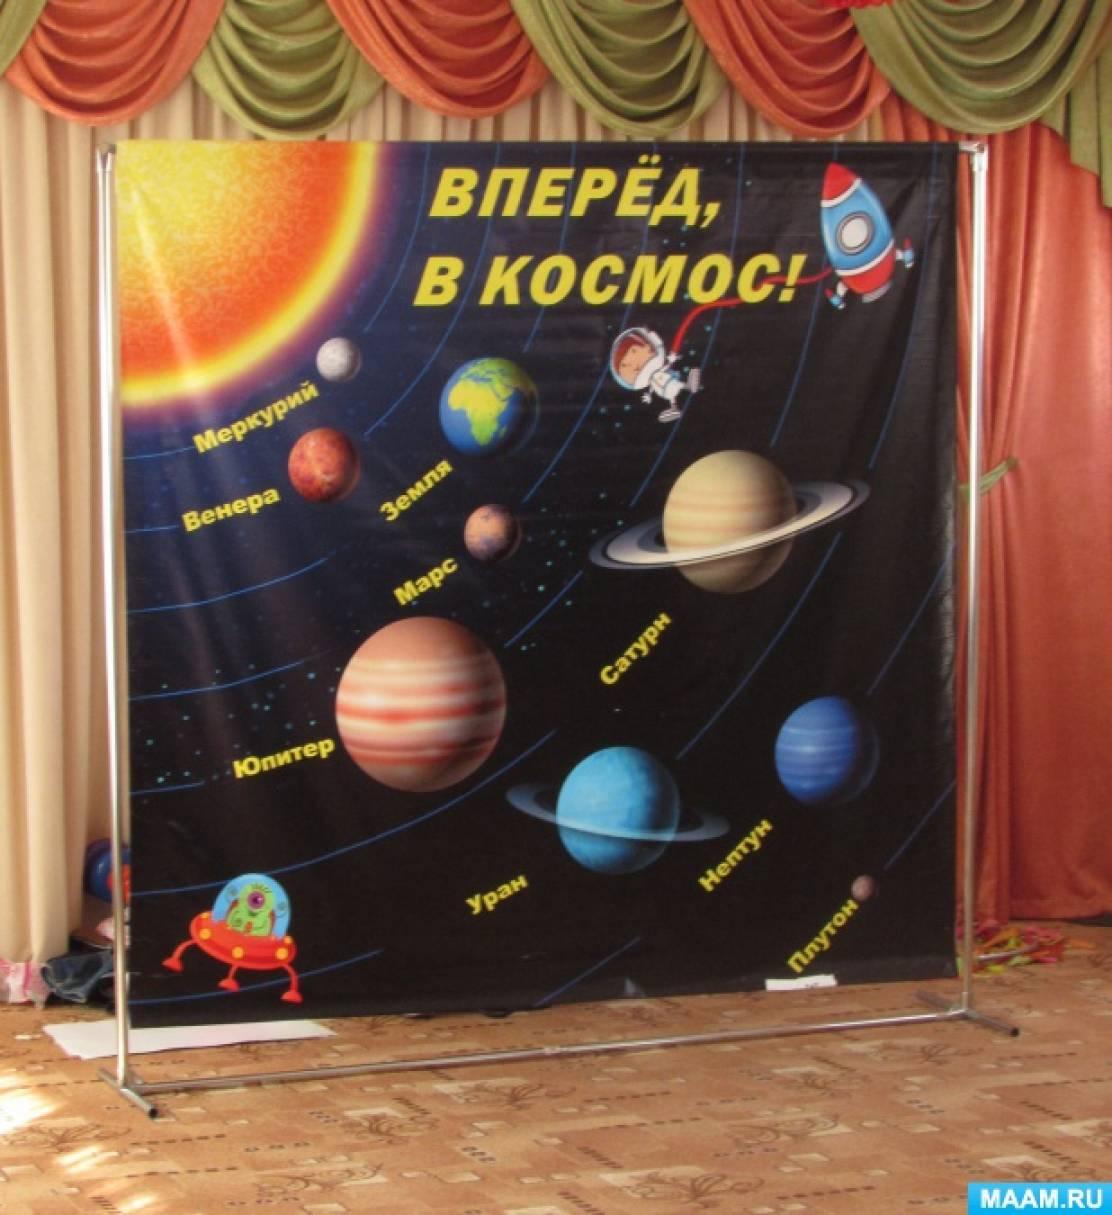 Сценарий развлечения «Вперёд в космос» с детьми старшего дошкольного возраста